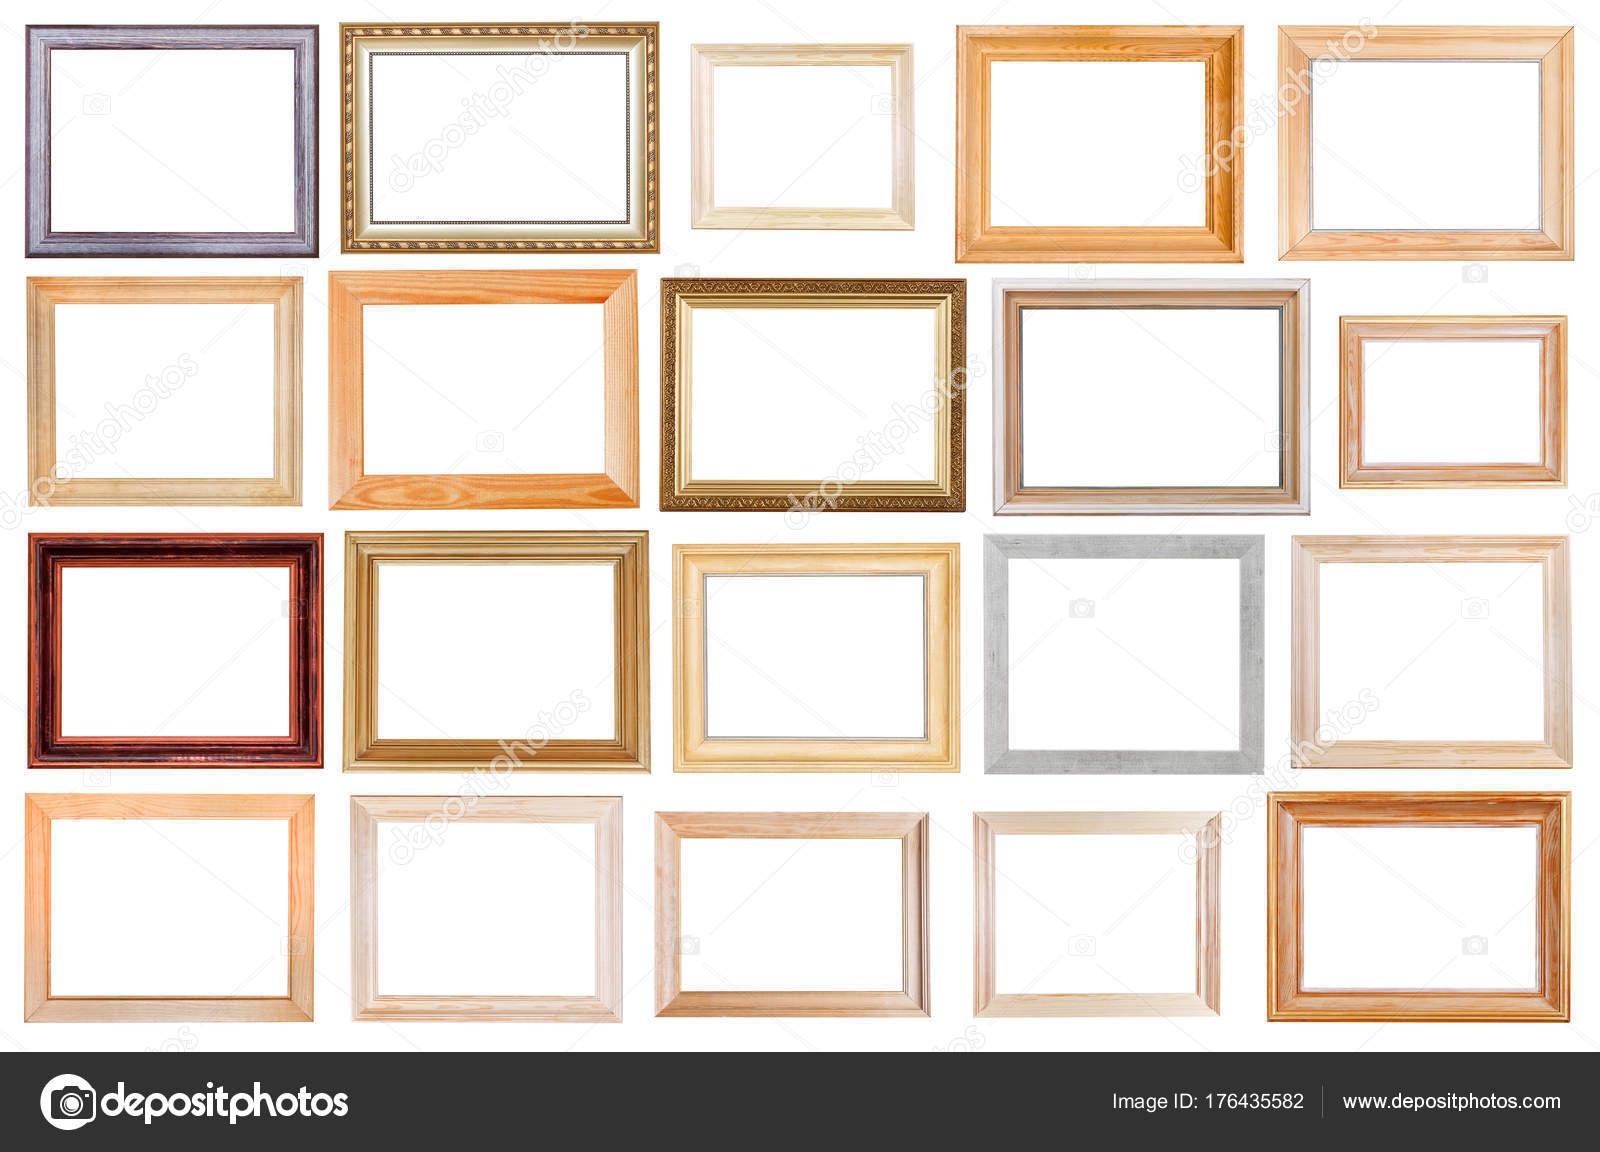 conjunto de marcos de madera ancho aislado — Fotos de Stock ...